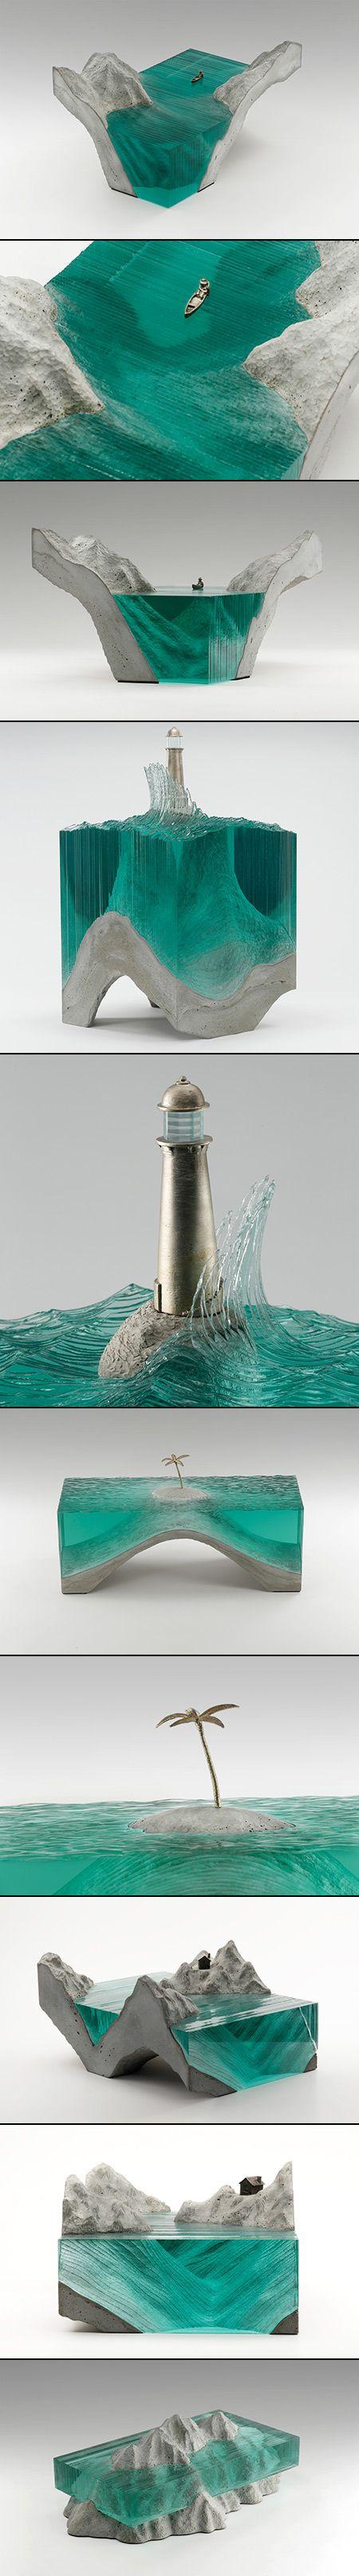 Crazy landscape table! Coupes de l'artiste et de couches de feuilles de verre pour créer des Sculptures Illusion surréaliste de l'eau  http://i.imgur.com/FchbZrY.jpg